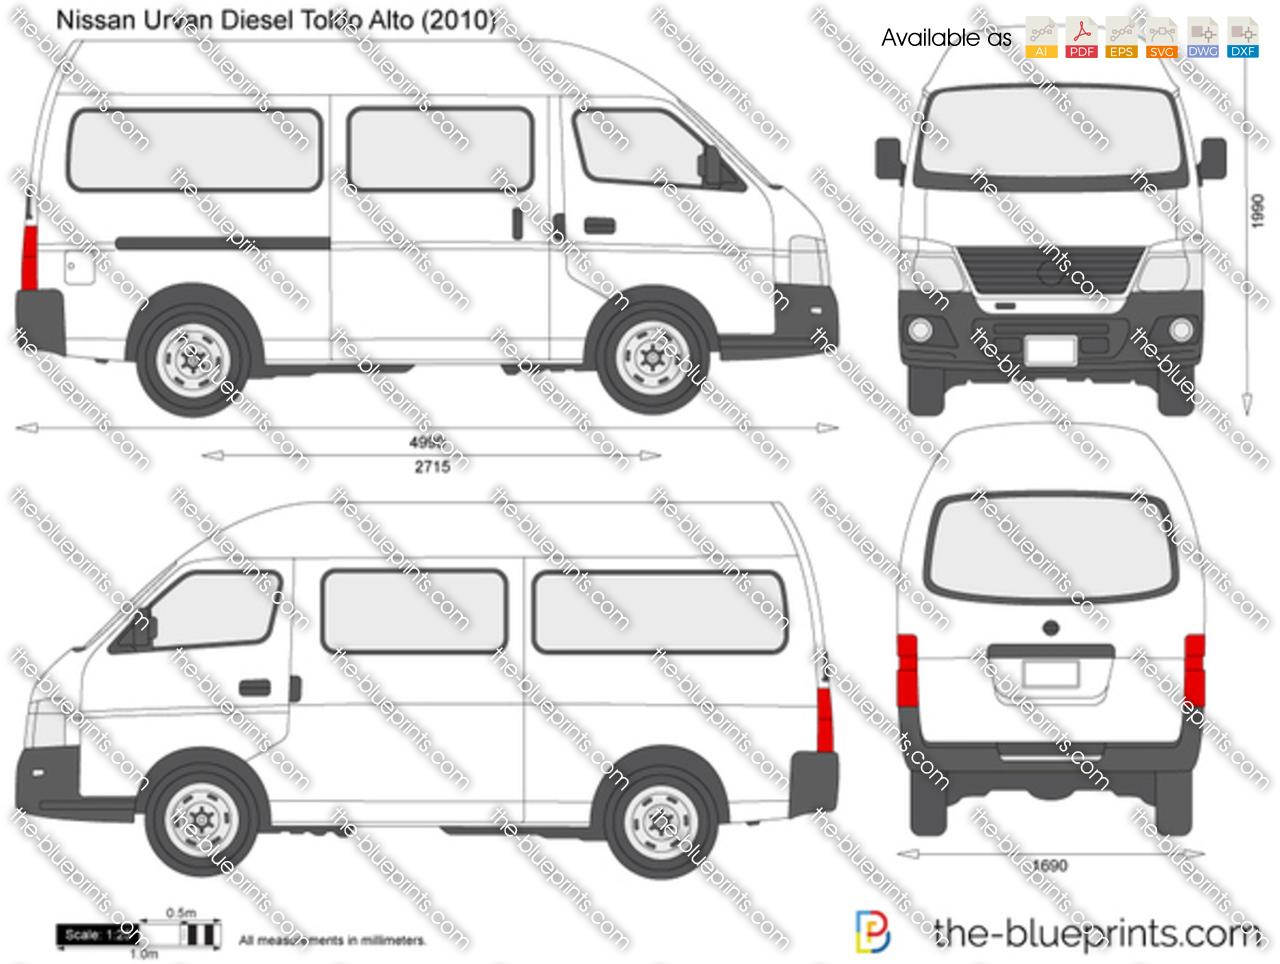 Nissan Urvan Diesel Toldo Alto 2004